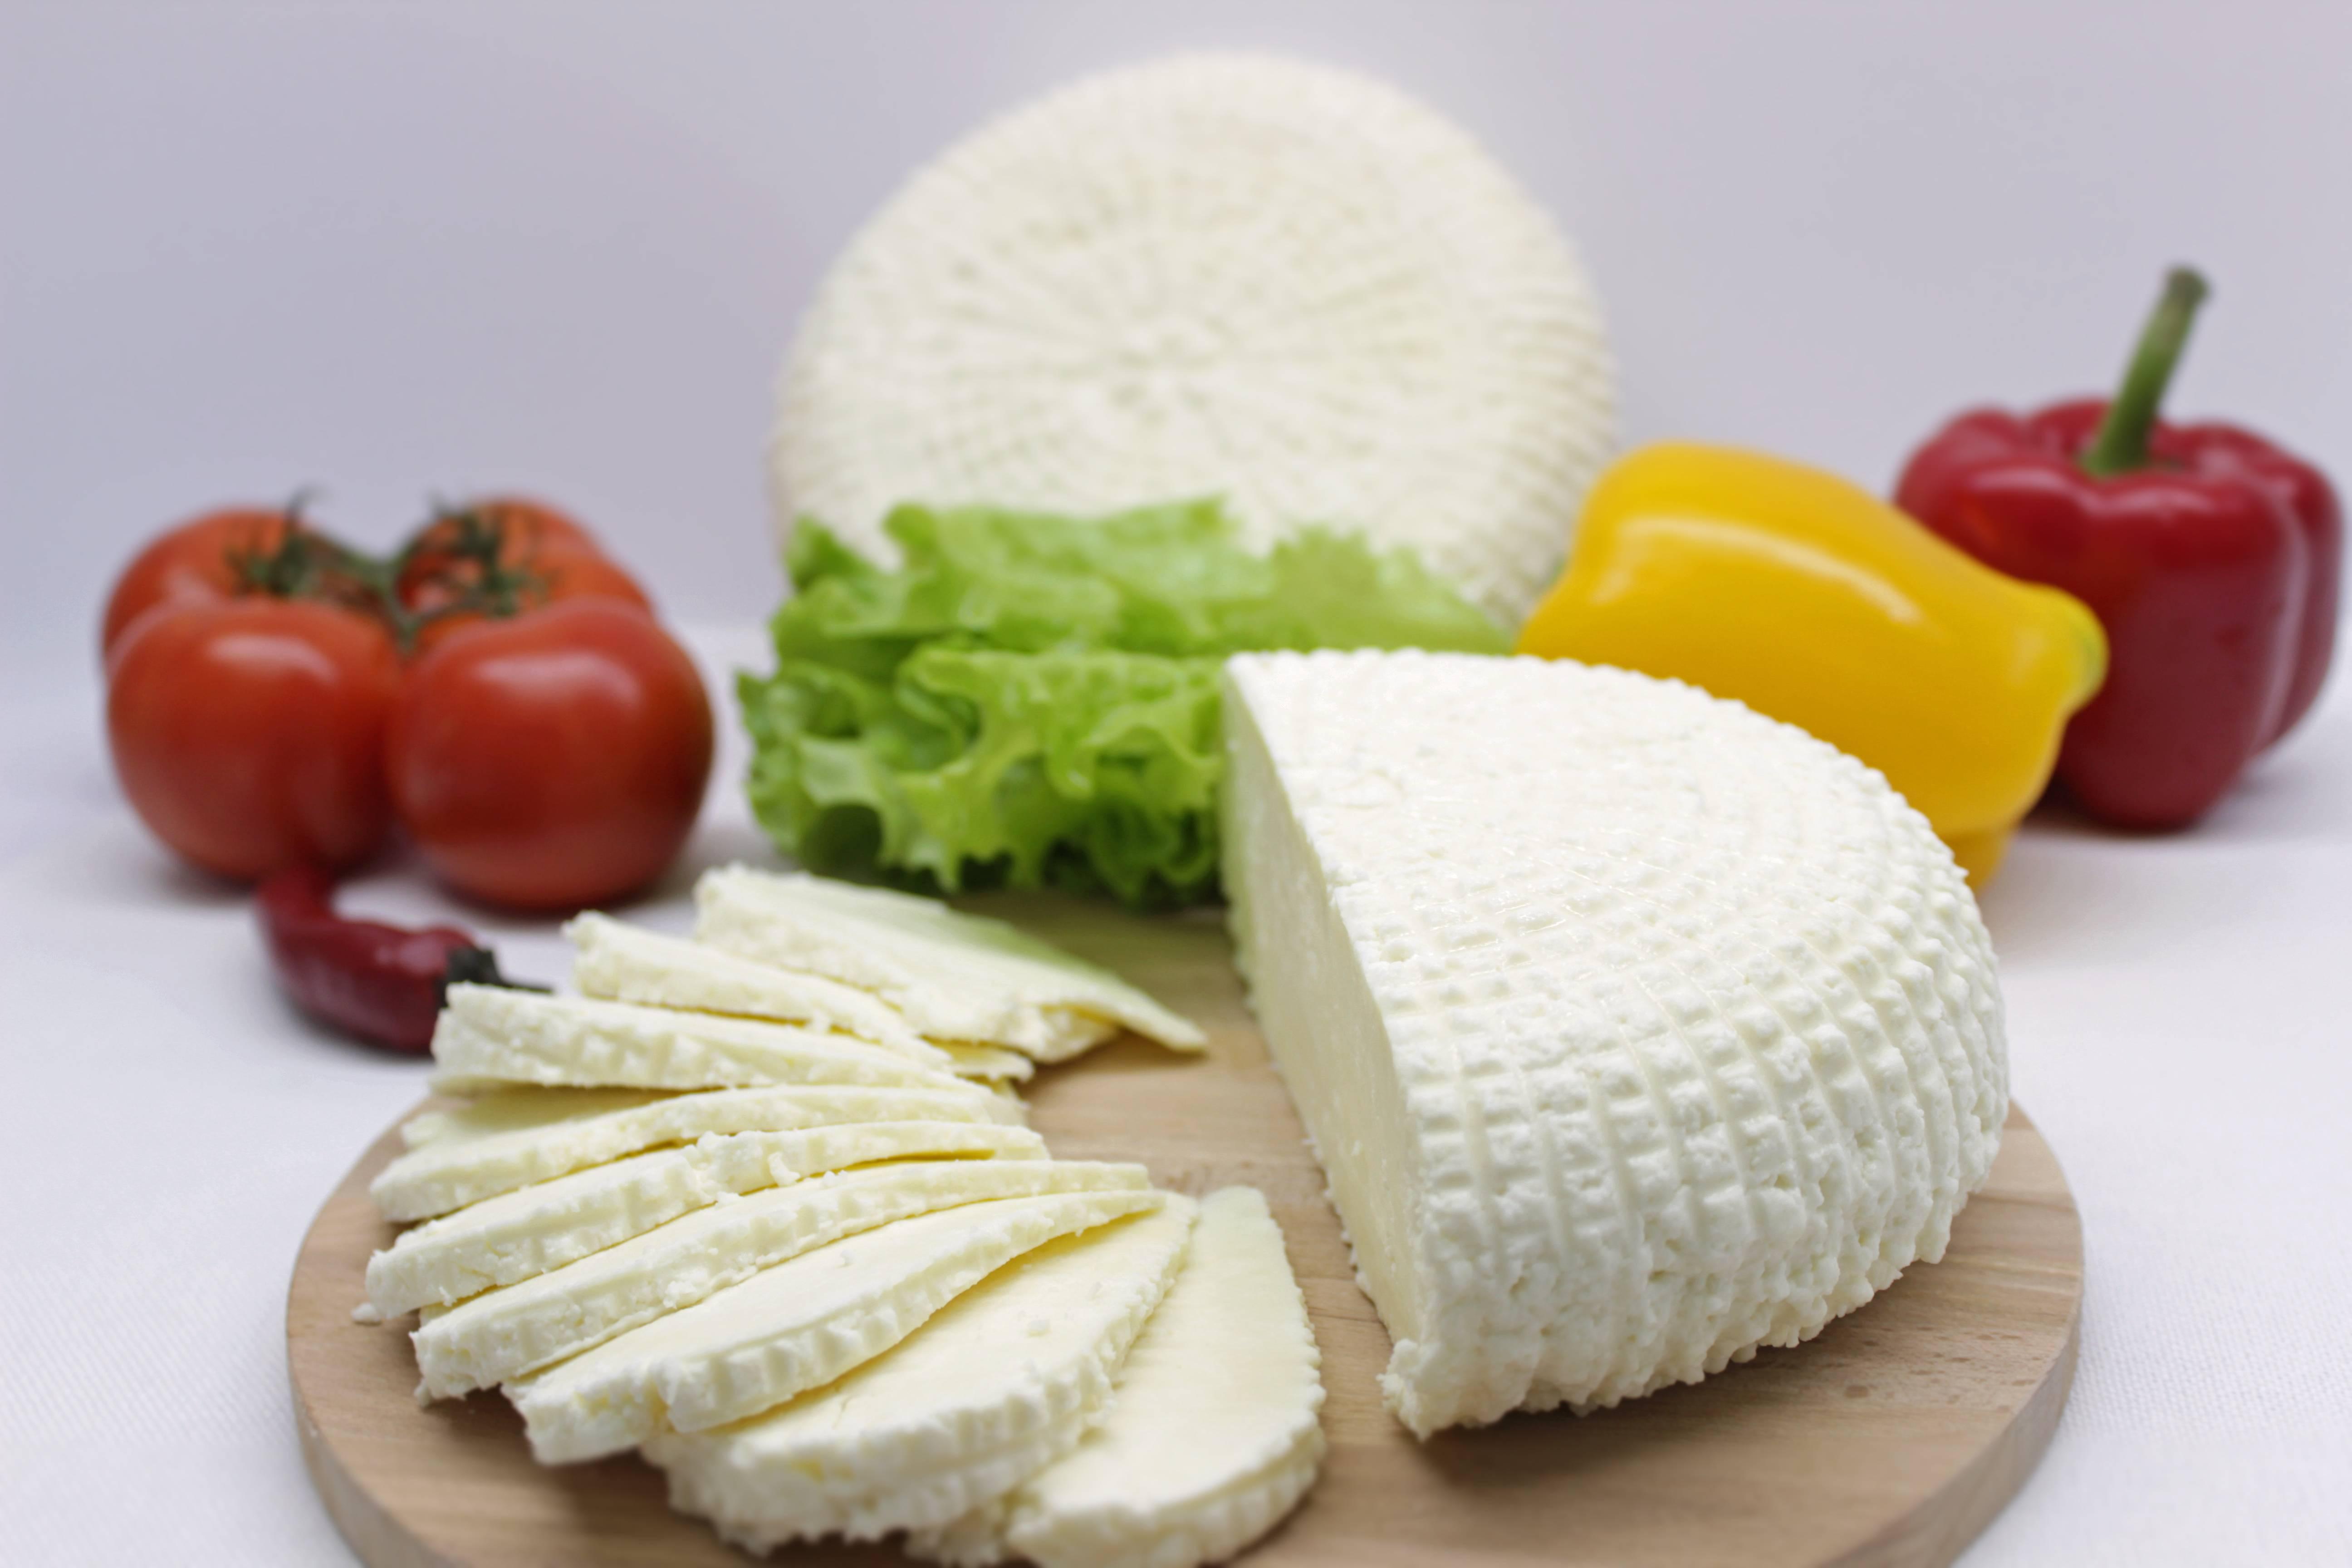 Адыгейский сыр — польза и вред, состав, применение и калорийность